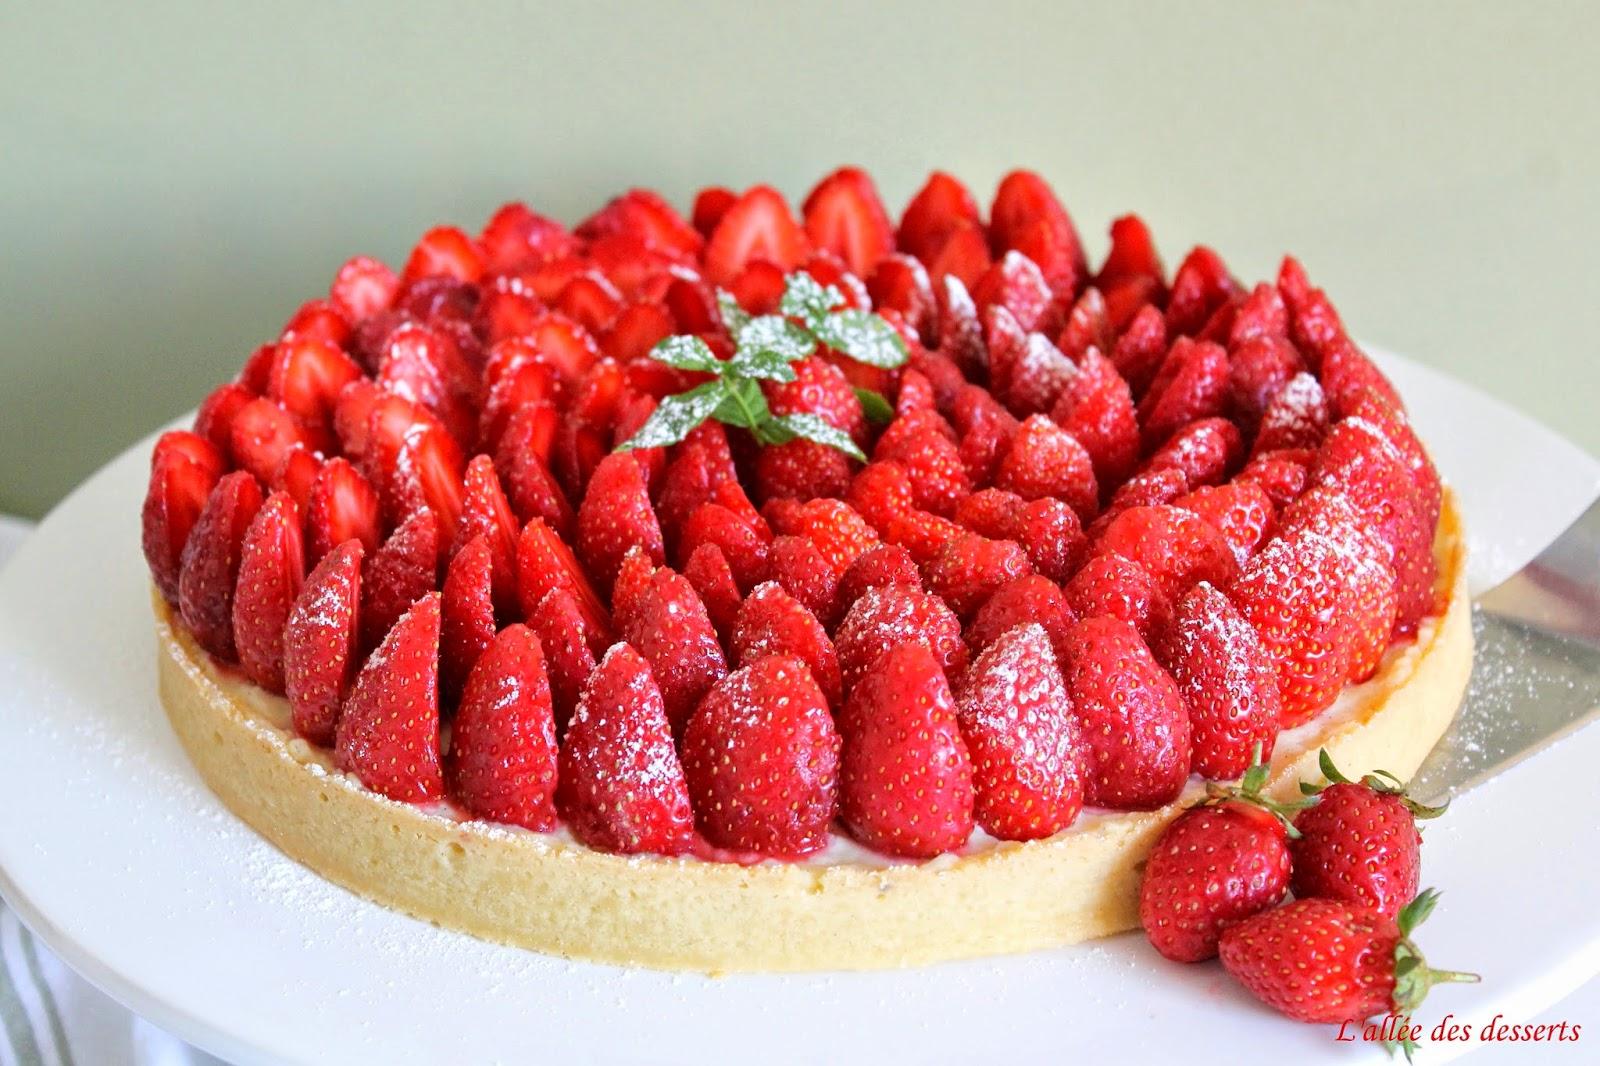 Recette du jour la tarte aux fraises simple - Decoration tarte aux fraises ...